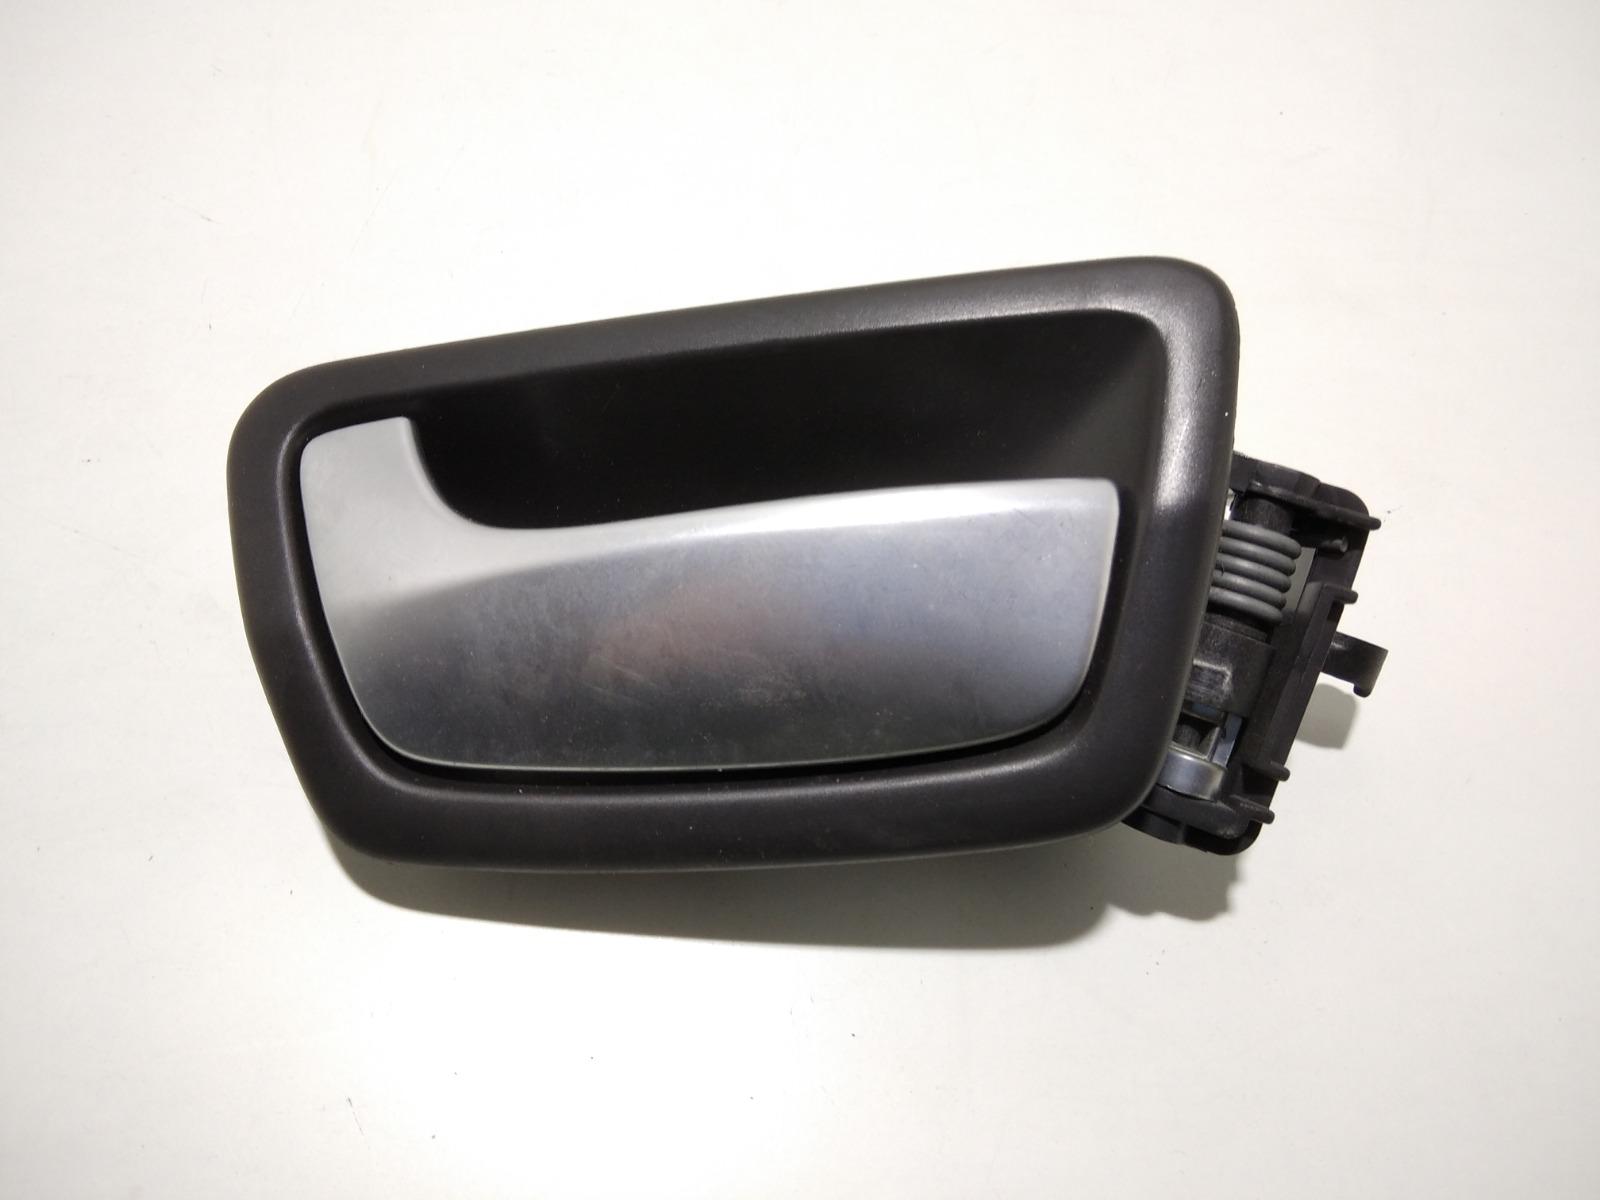 Ручка внутренняя передняя правая Fiat Ulysse 2.0 I 2004 (б/у)